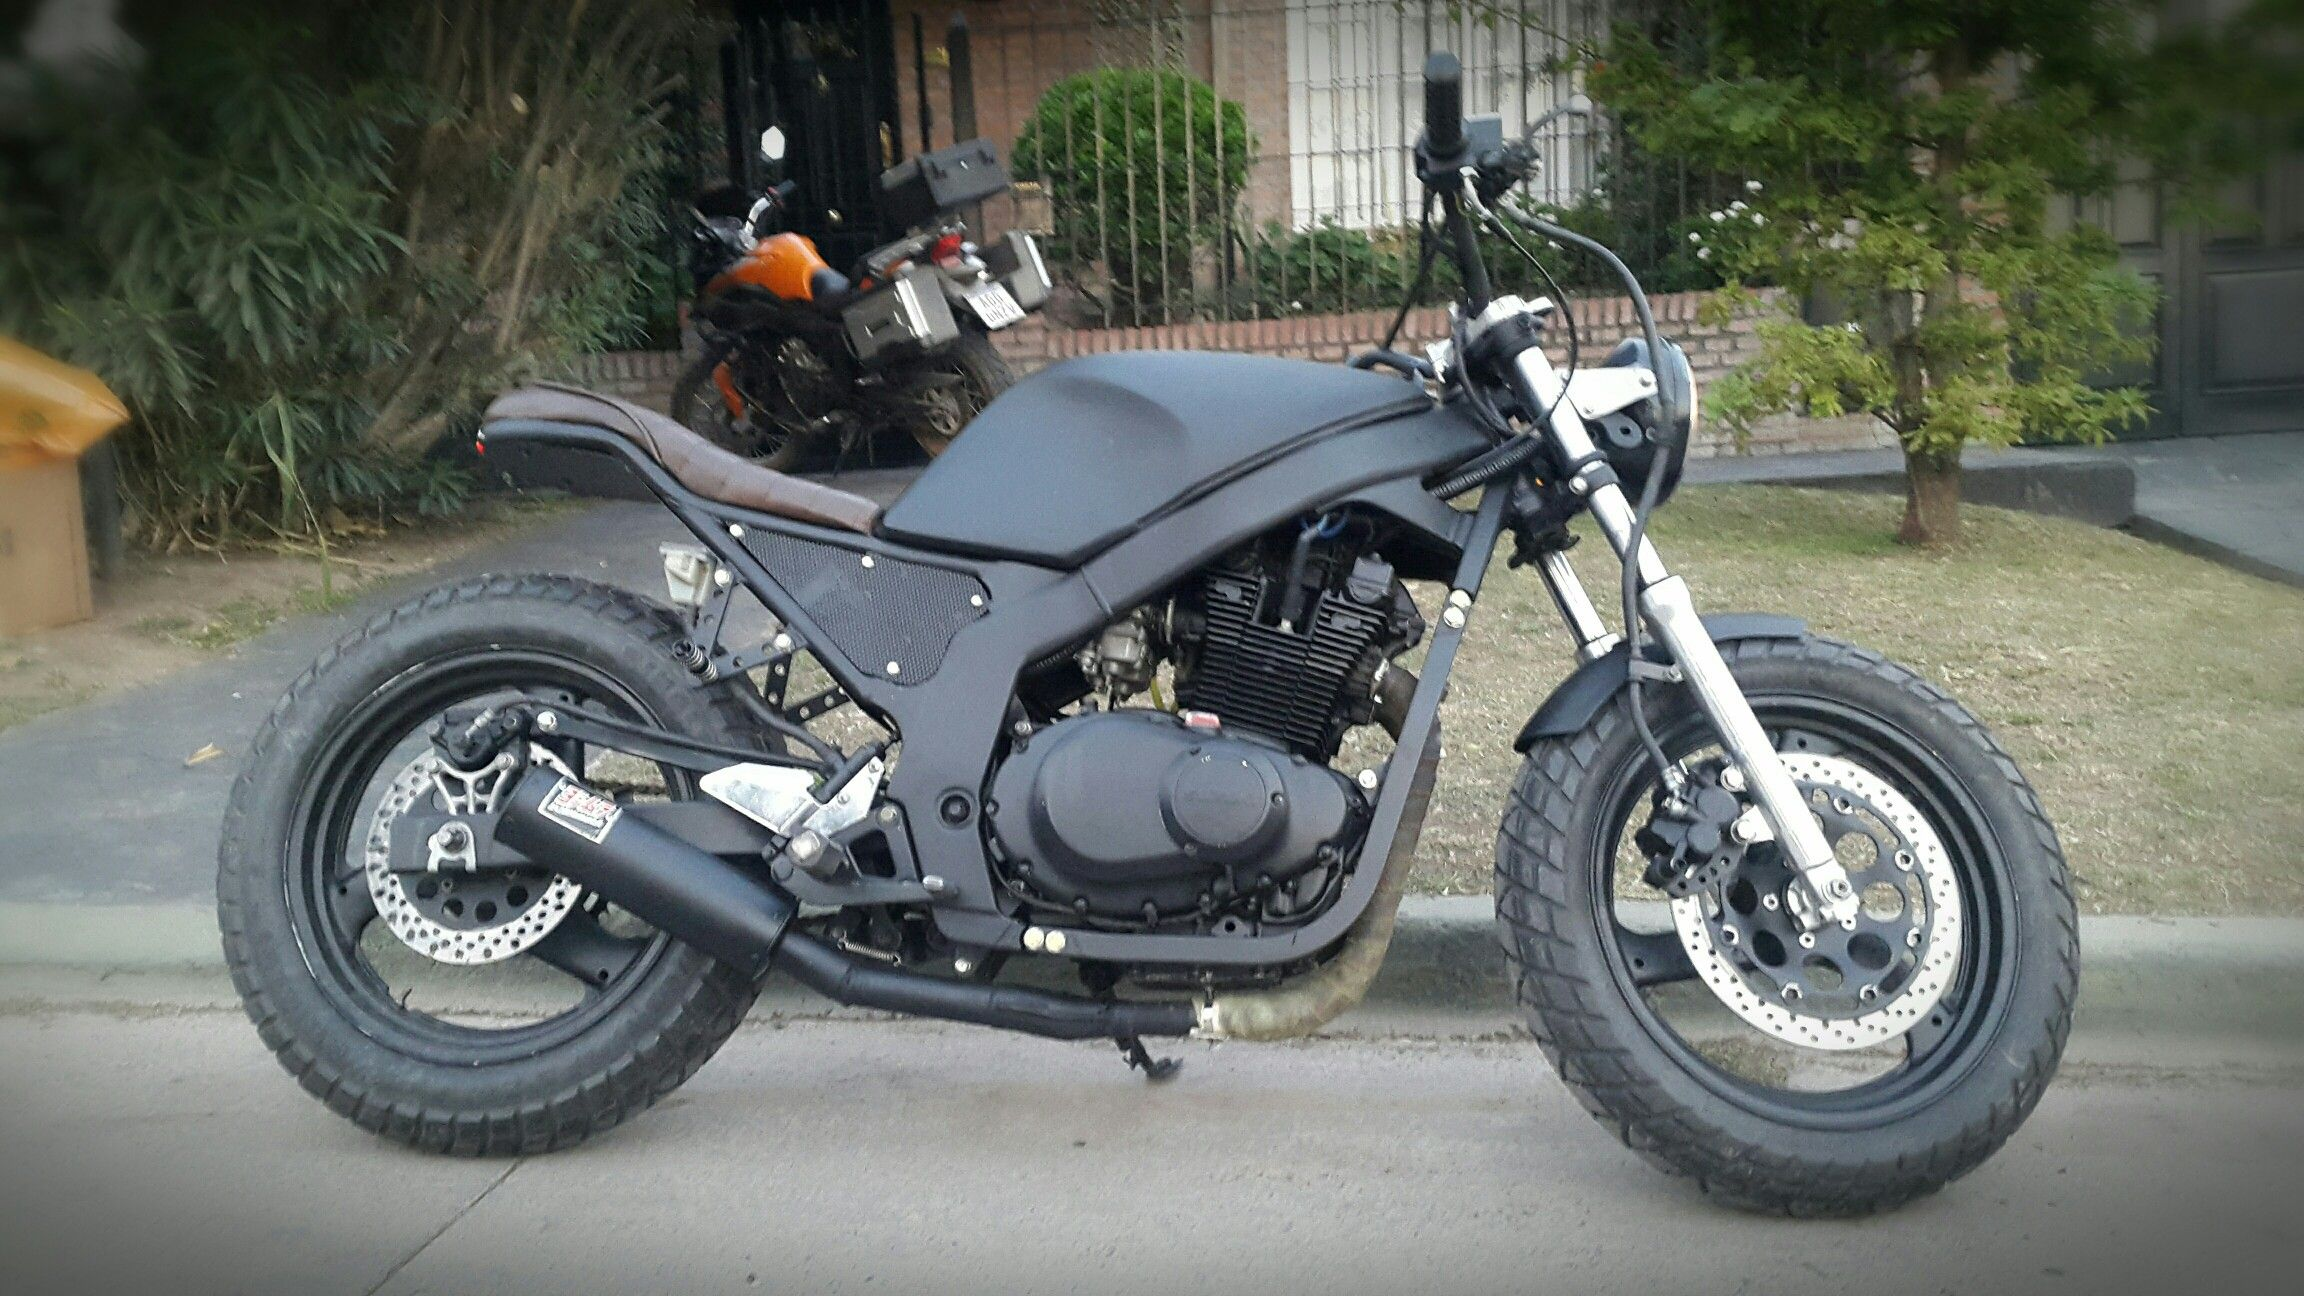 Suzuki Gs 500 Vollverkleidung Kaufen : suzuki gs 500 scrambler cafe racer motos pinterest motos personalizadas duas rodas e motos ~ Aude.kayakingforconservation.com Haus und Dekorationen